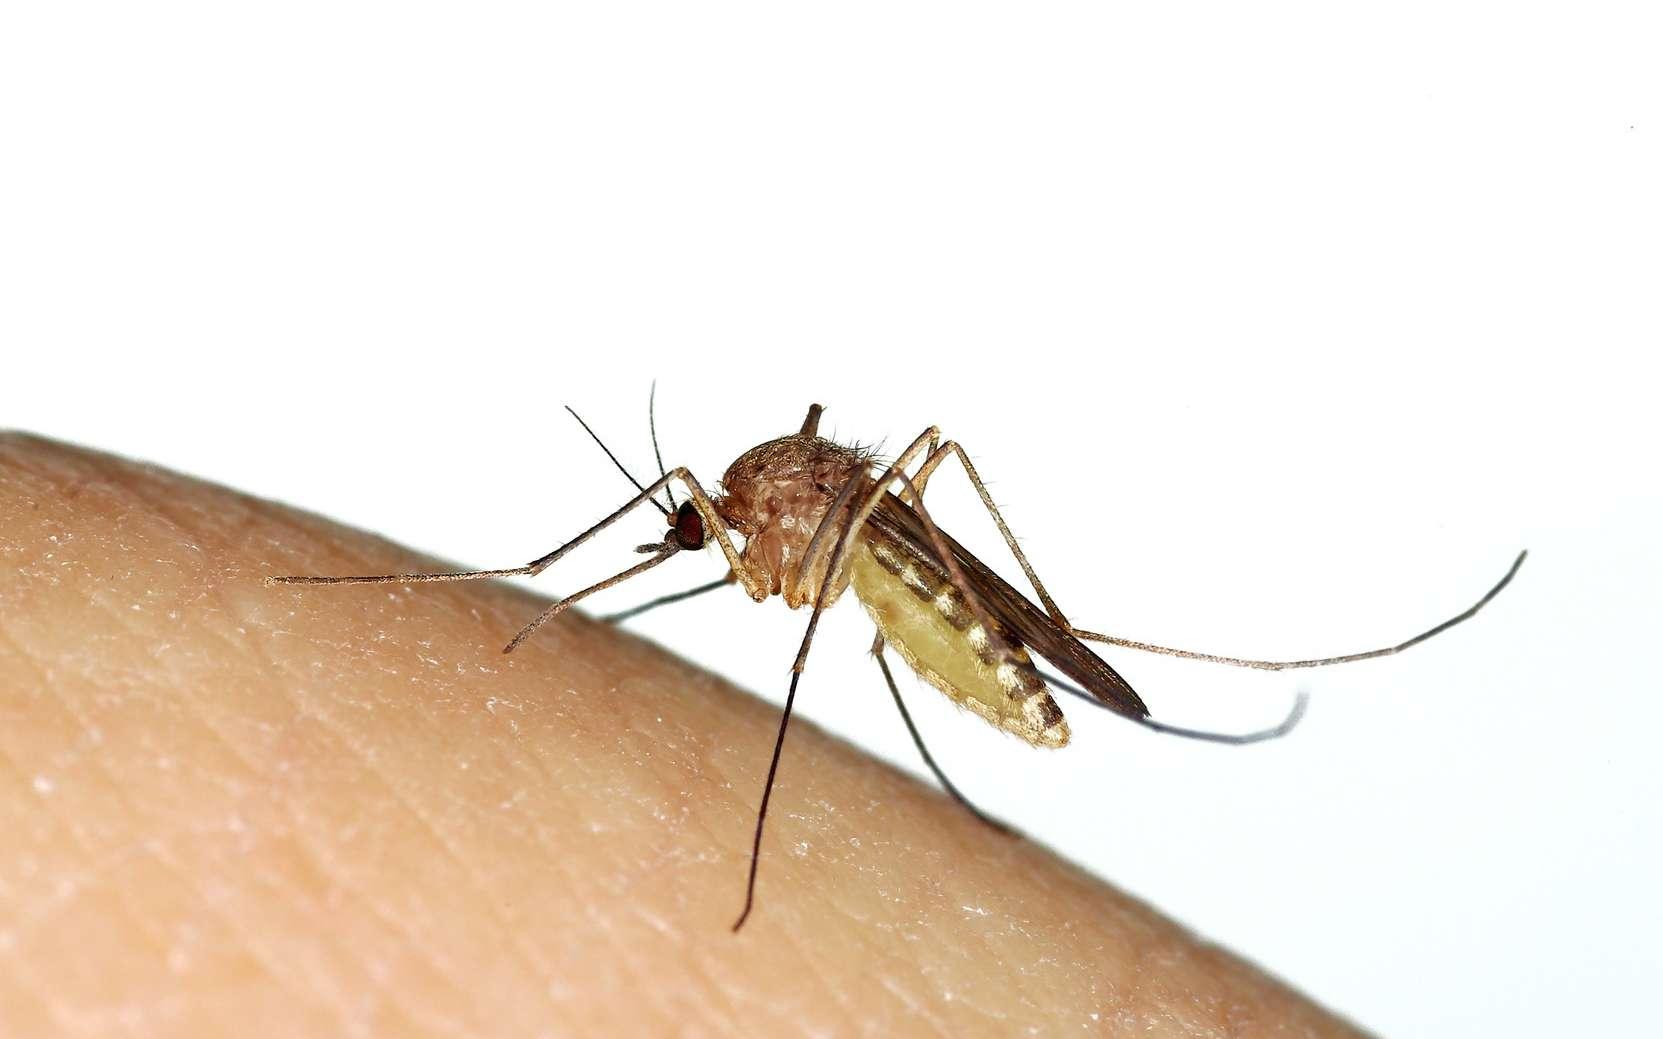 Le virus de l'encéphalite japonaise est transmis par un moustique du genre Culex. © Marco Uliana, Fotolia